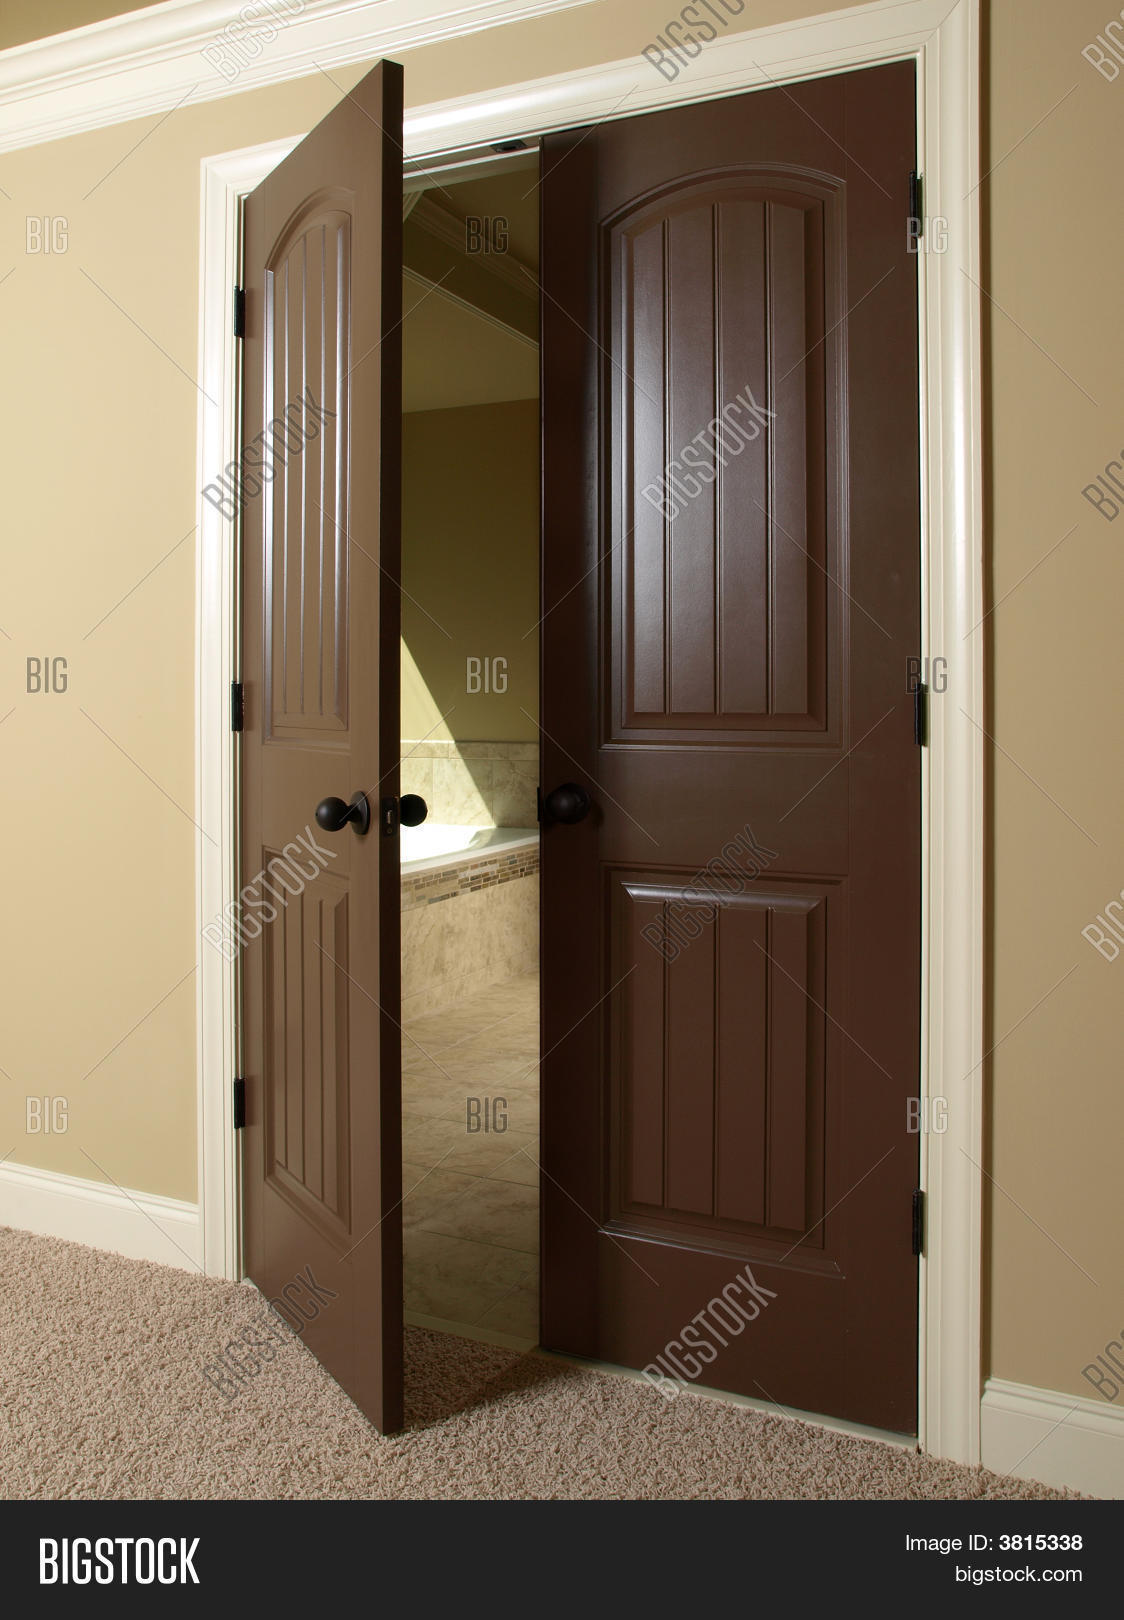 open double door image  photo free trial  bigstock